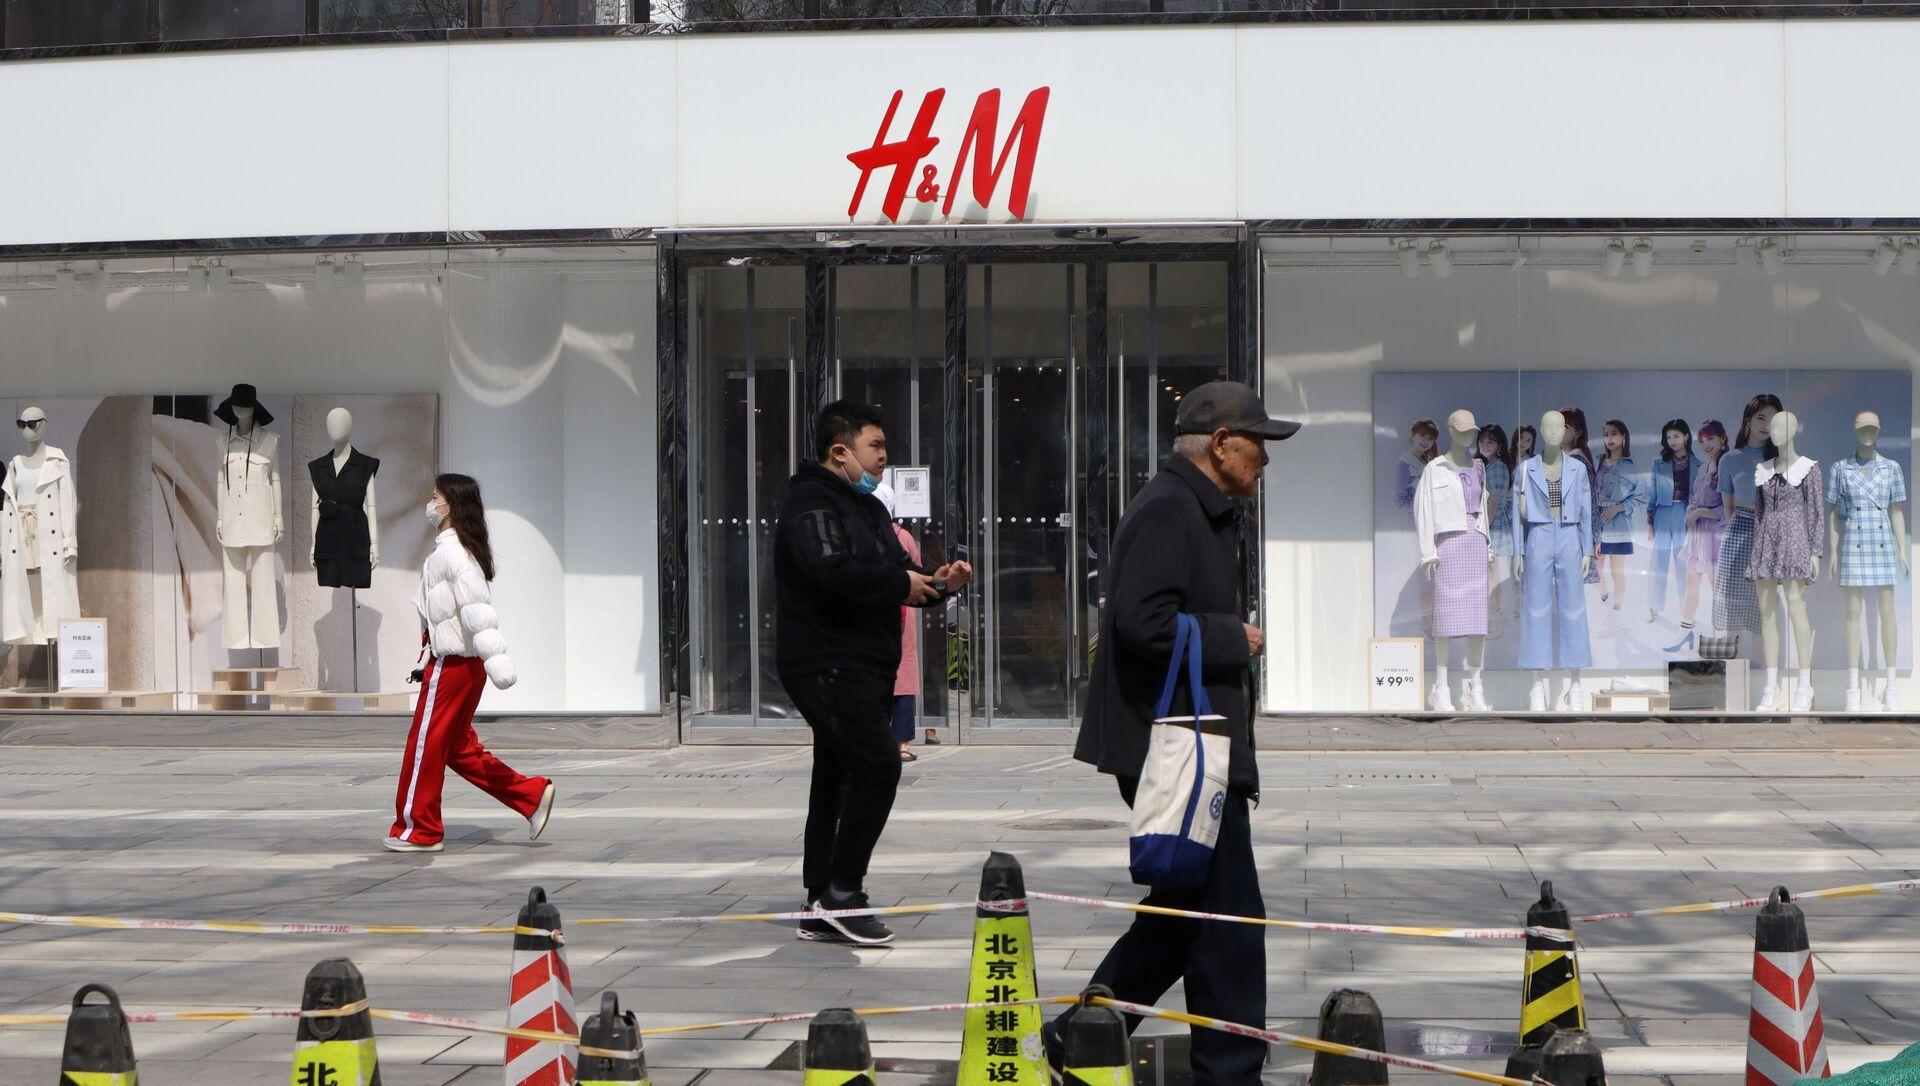 Cửa hàng H&M ở Bắc Kinh, Trung Quốc - Sputnik Việt Nam, 1920, 25.03.2021